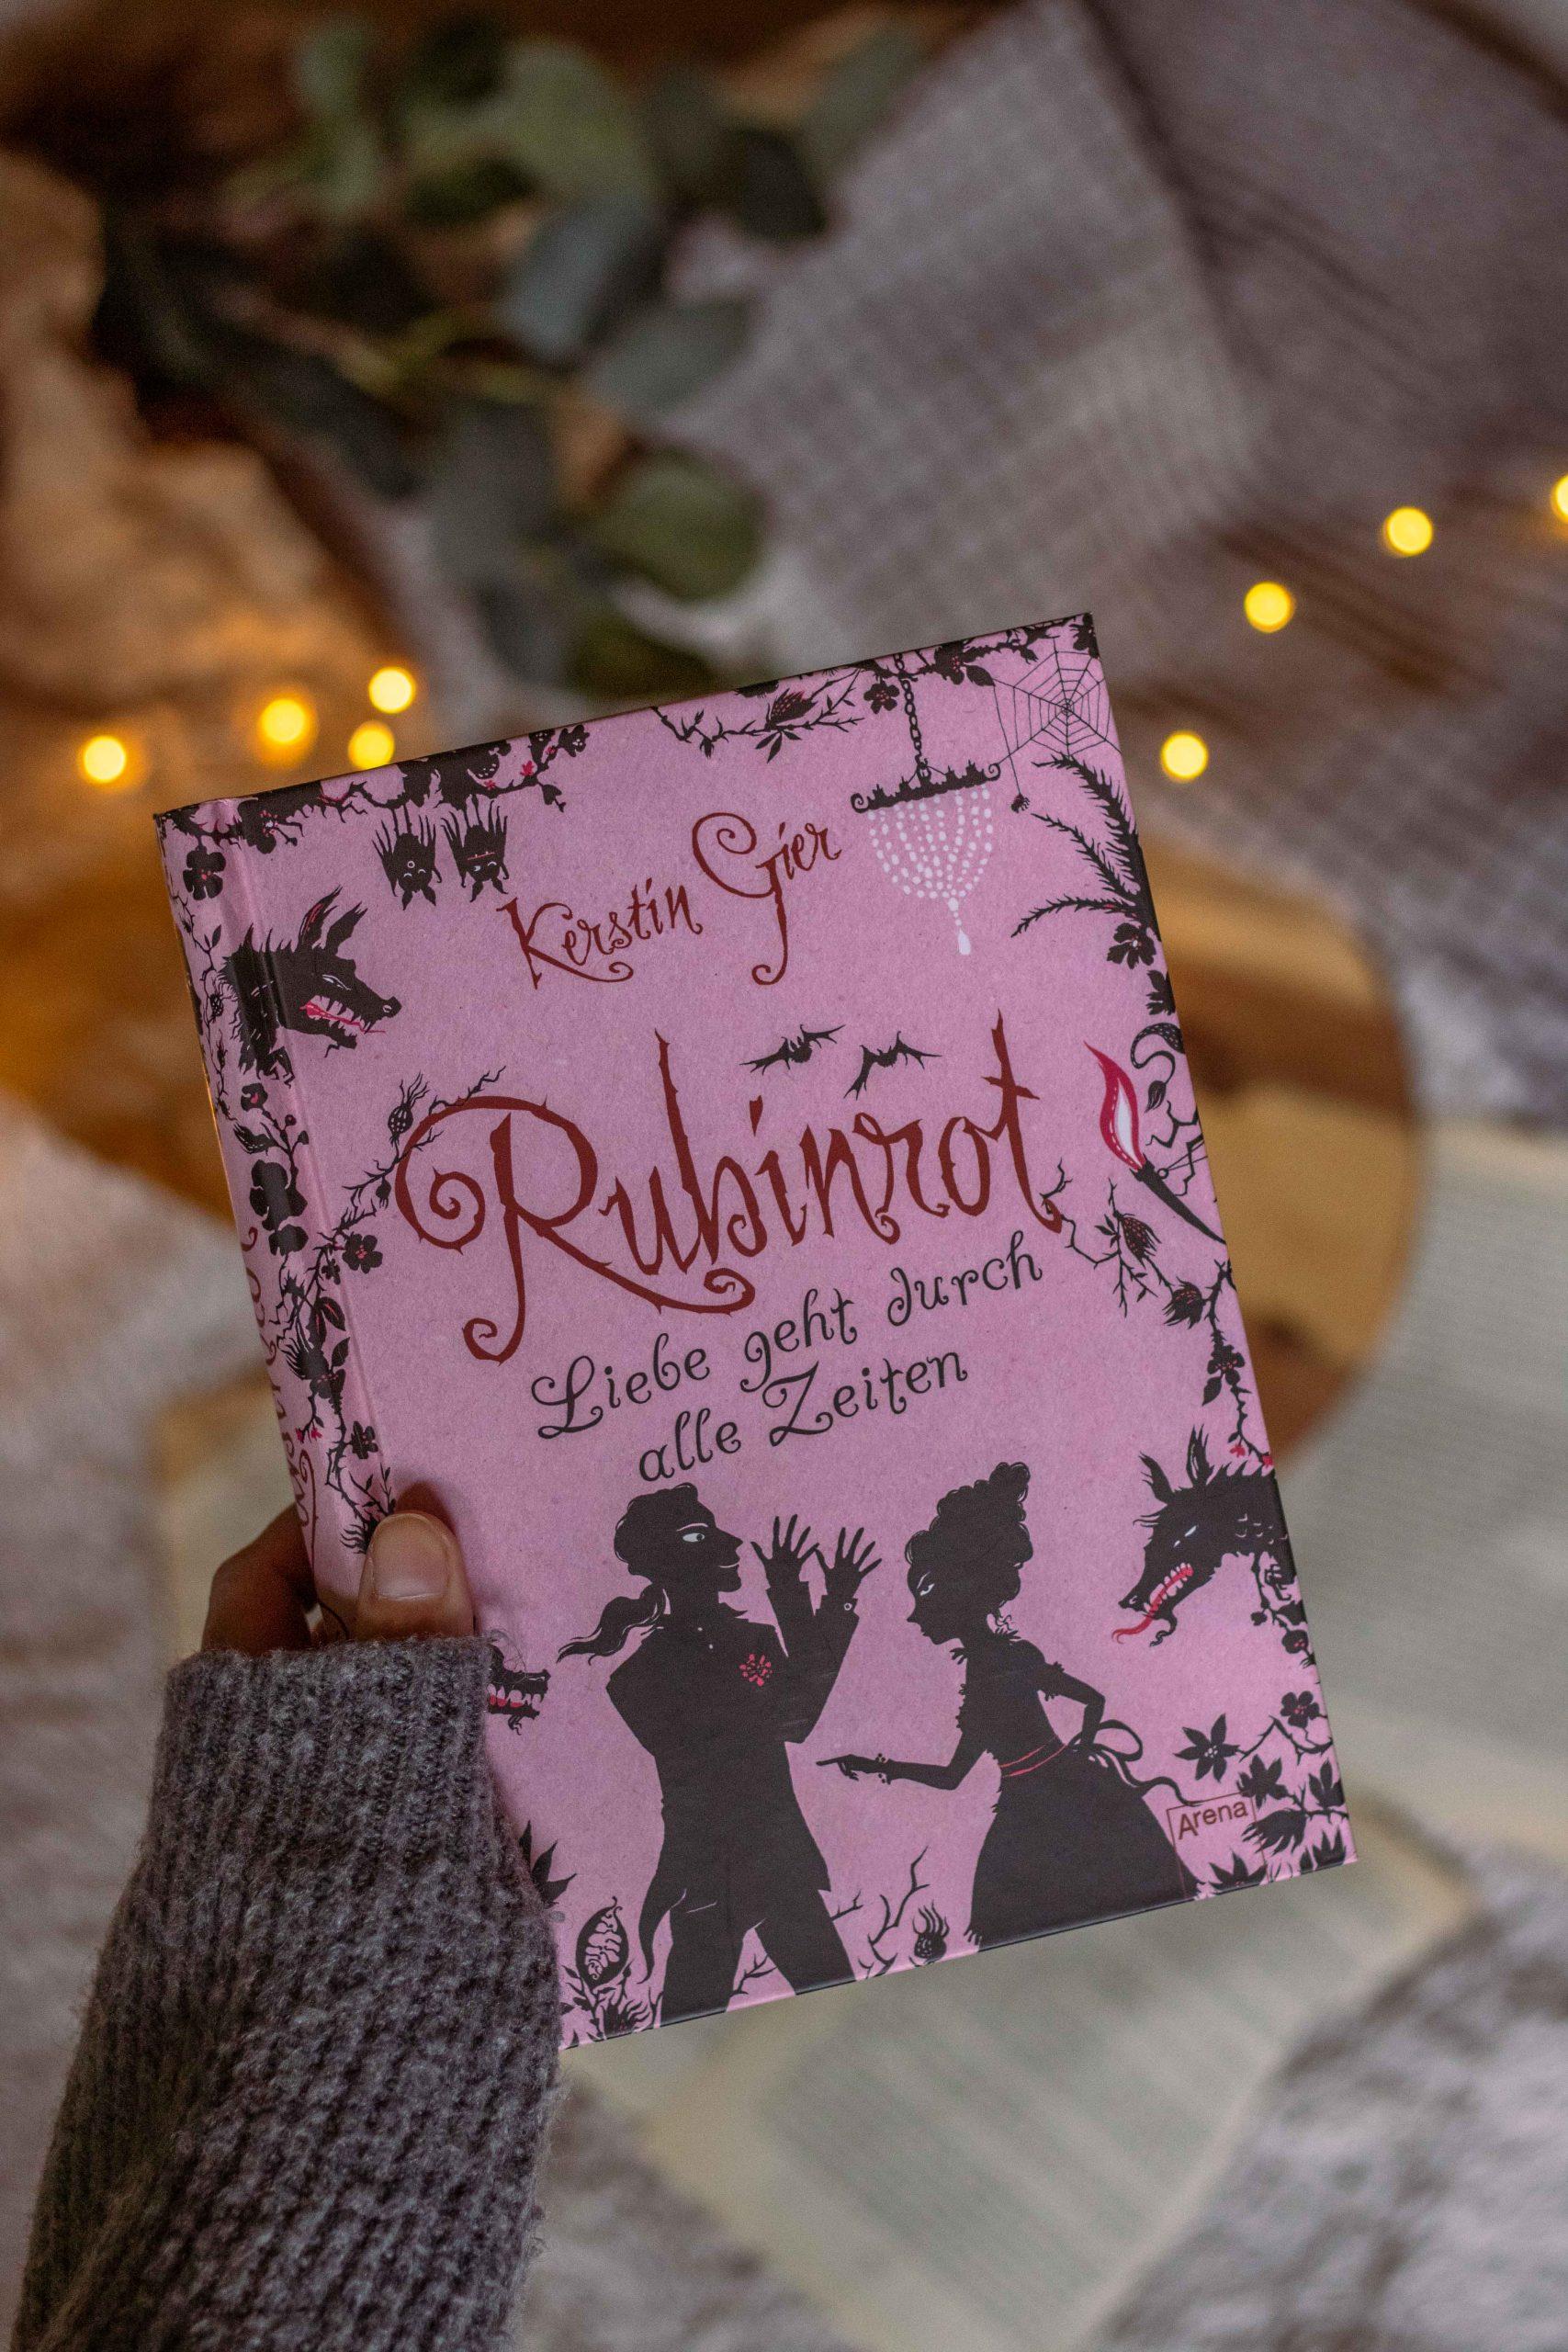 Rubinrot – Edelstein Trilogie #1 | Kerstin Gier